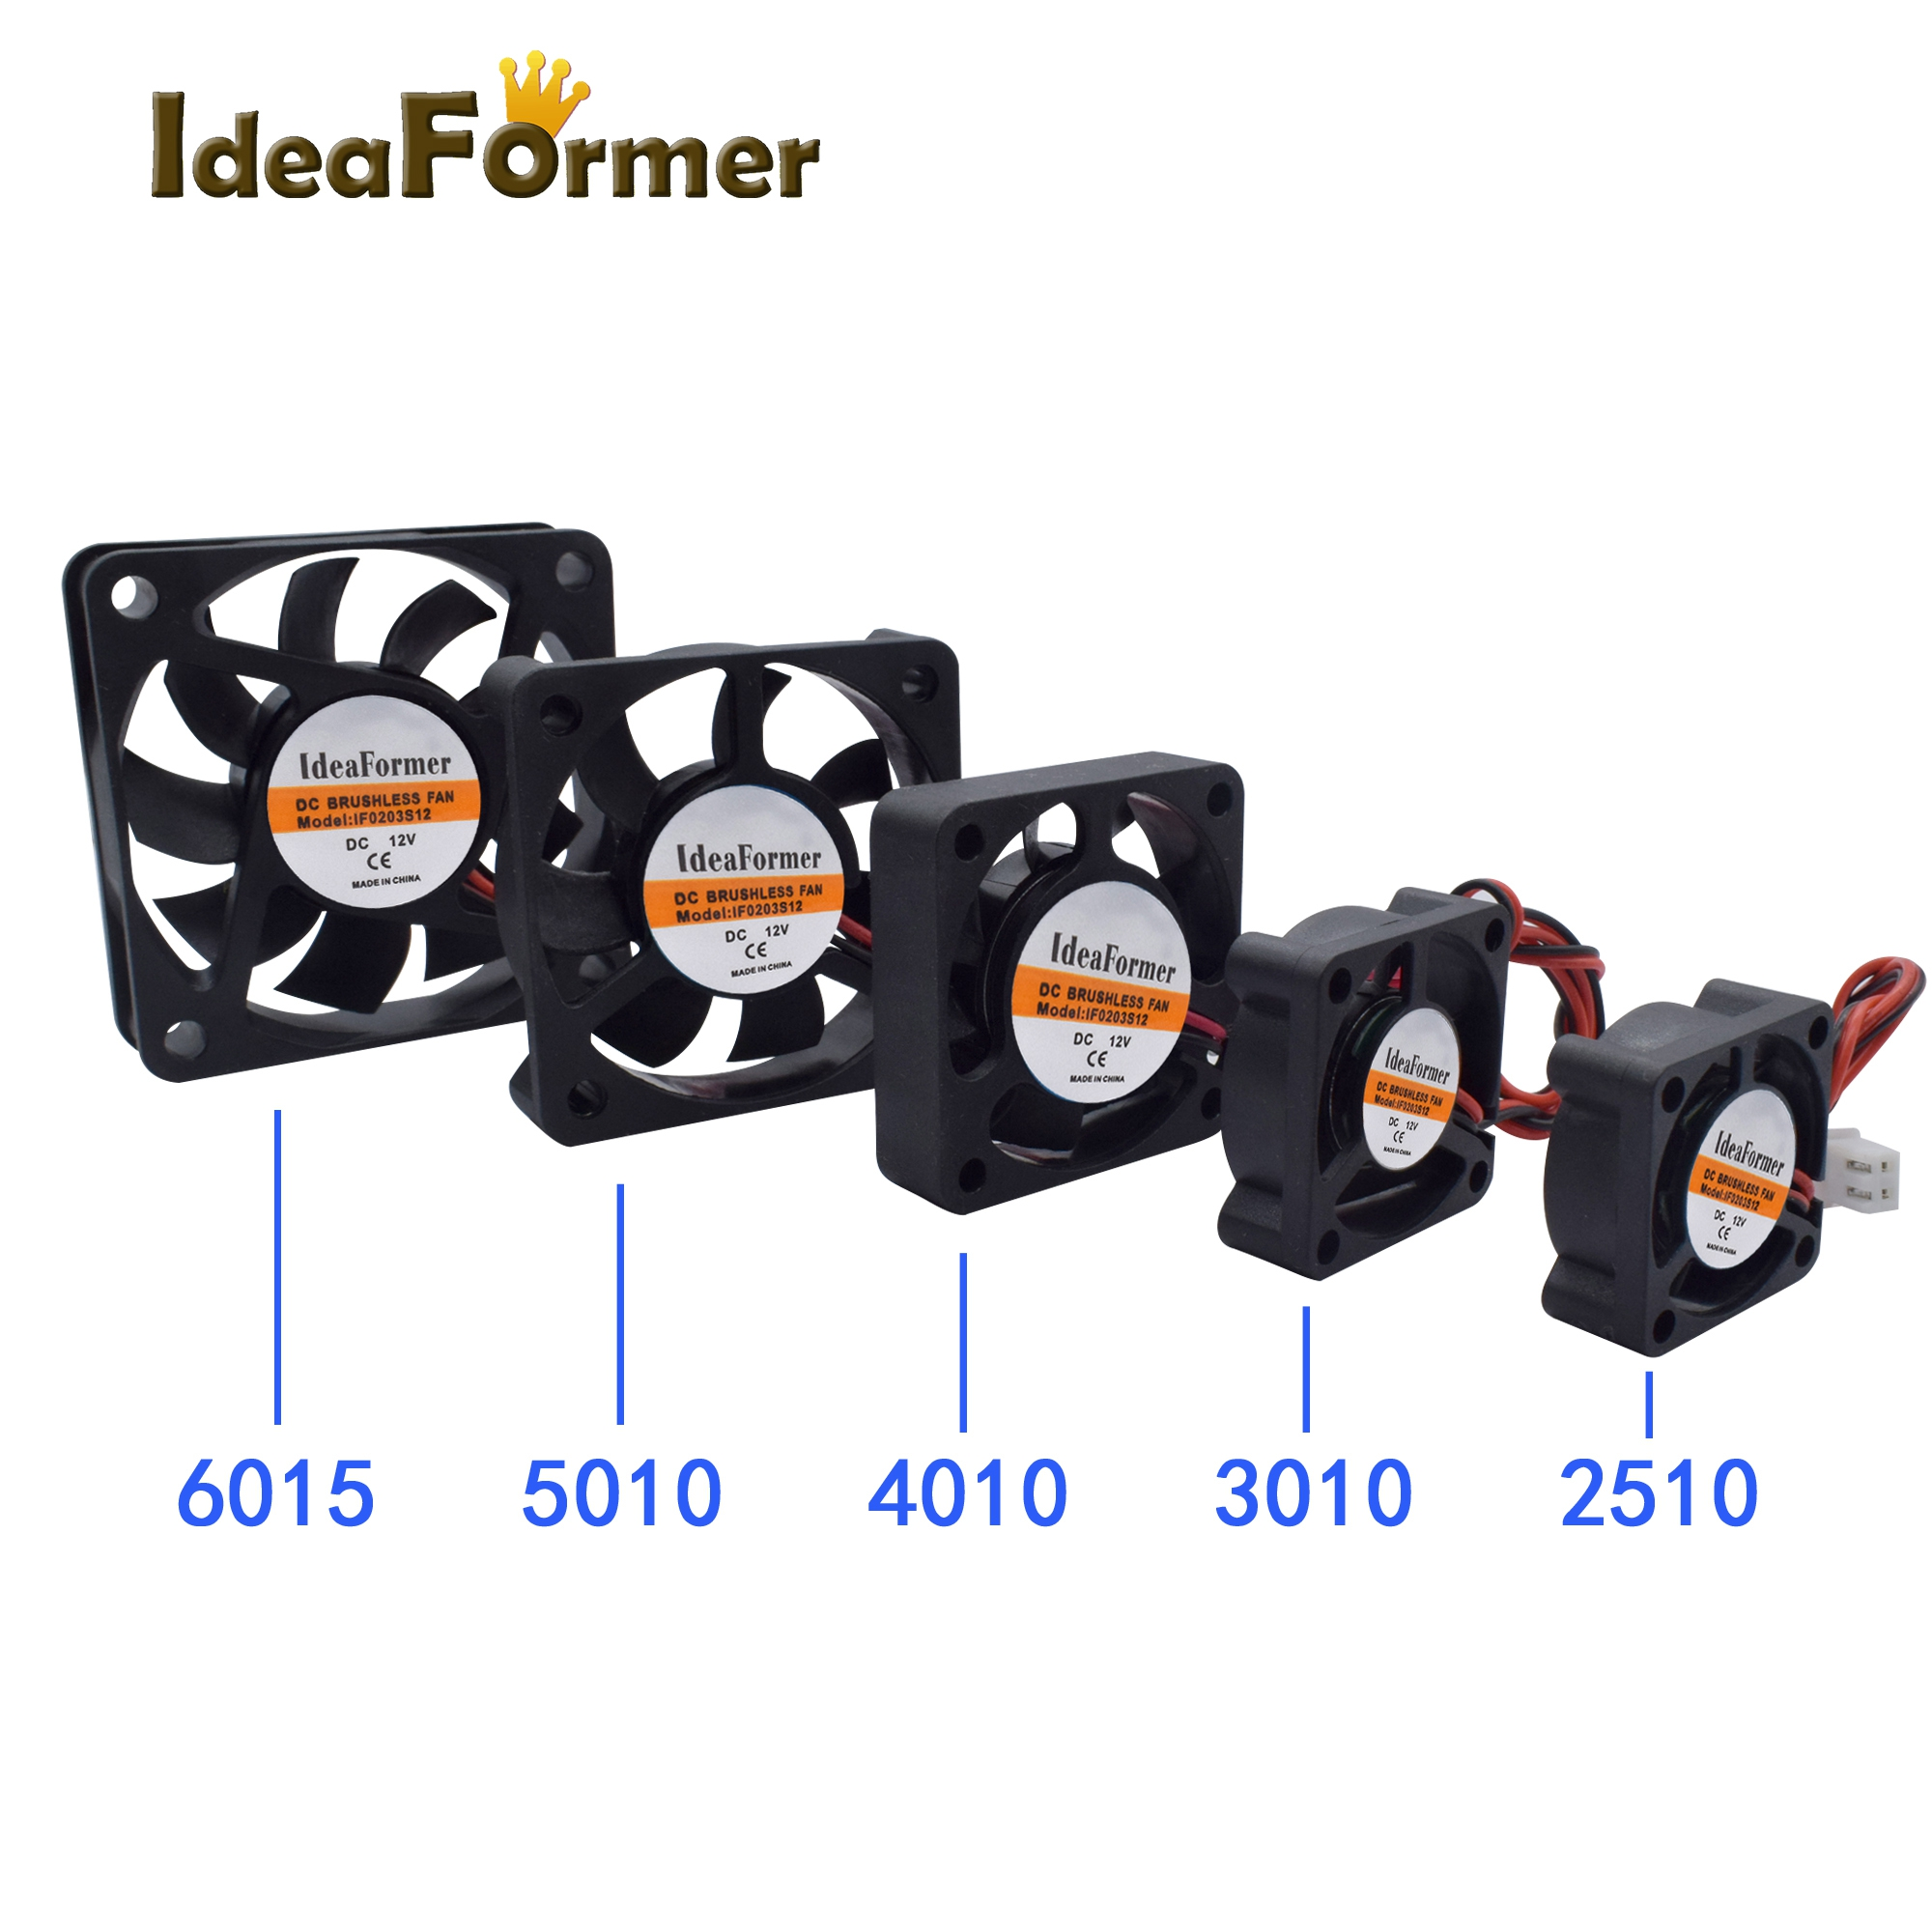 3D принтер Вентилятор охлаждения 2510 3010 4010 5010 6015 мм с 2Pin XH2.54 кабельный охладитель DC 5V 12V 24V несколько вариантов охлаждения вентилятора.